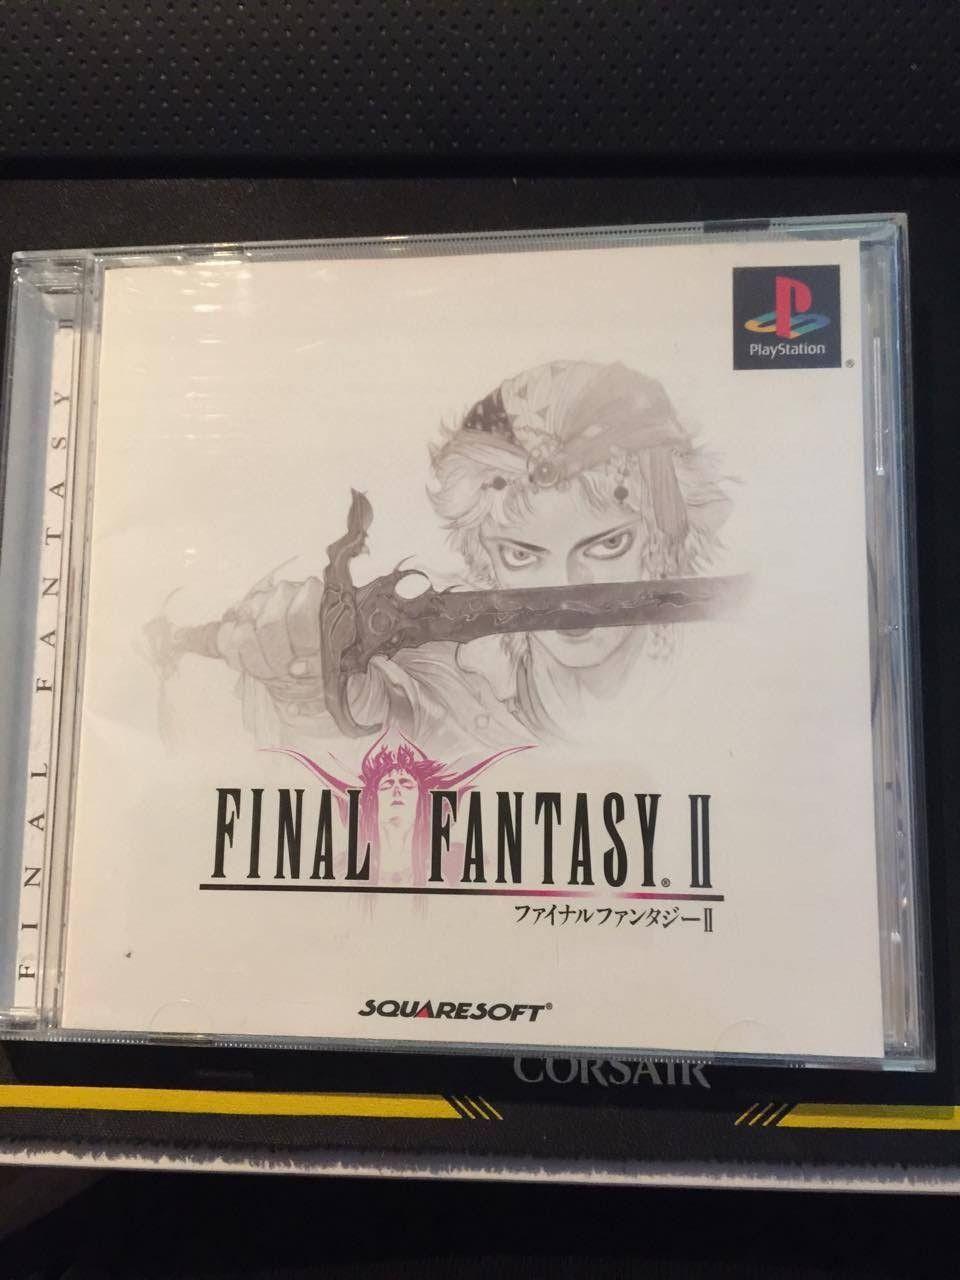 Final Fantasy 2 på Playstation 1 (NTSC) - Ulset  - Final Fantasy 2 på PS1 i veldig god tilstand. Produkter er fra Japan og vil derfor ikke kjøre på en vanlig PS1 eller PS2 fra Europa.  Spillet er brukt som et samlerobjekt og aldri testet. - Ulset